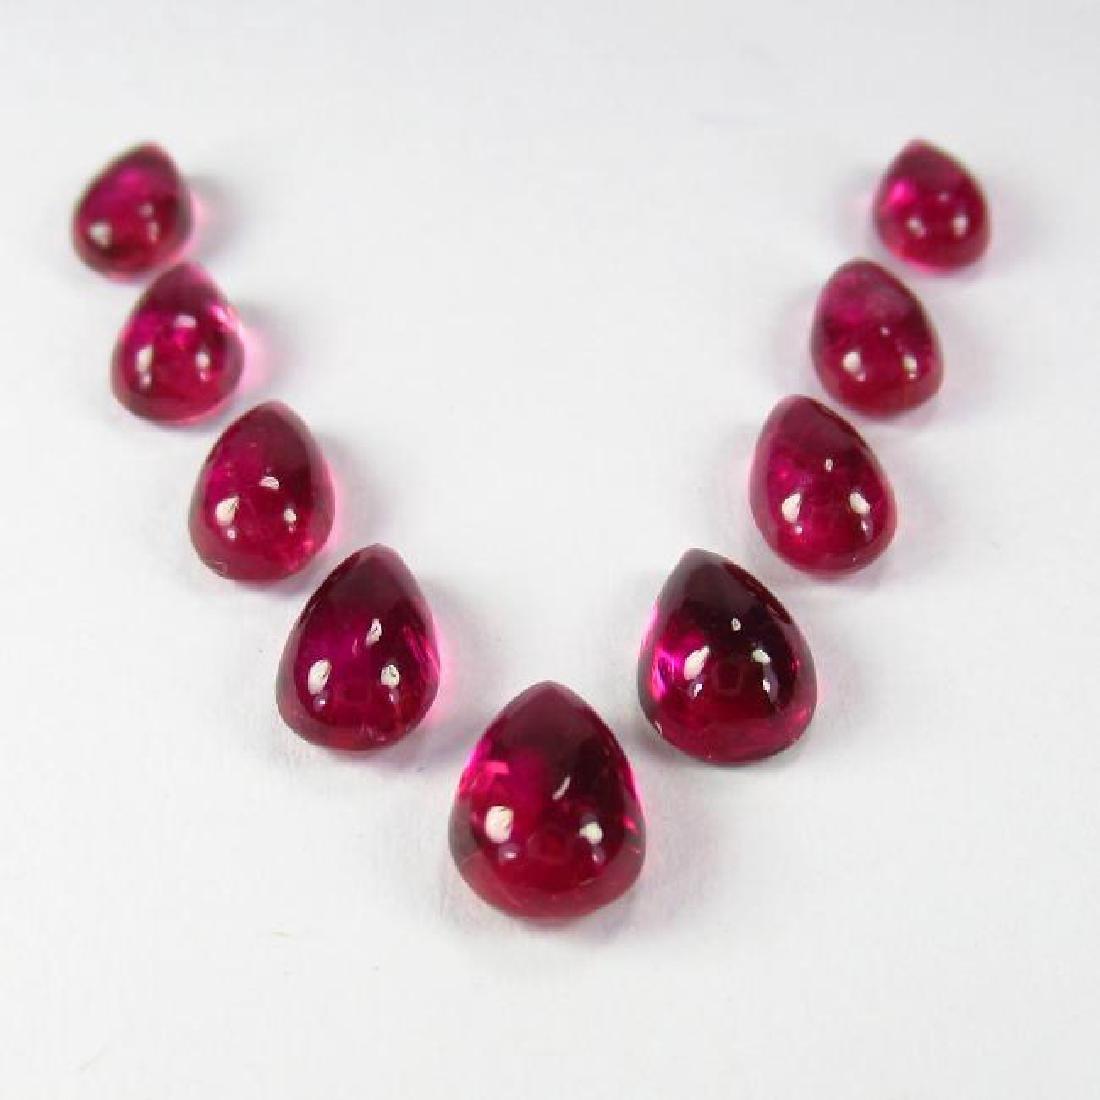 6.29 Carat Loose Pink Tourmaline Necklace Set